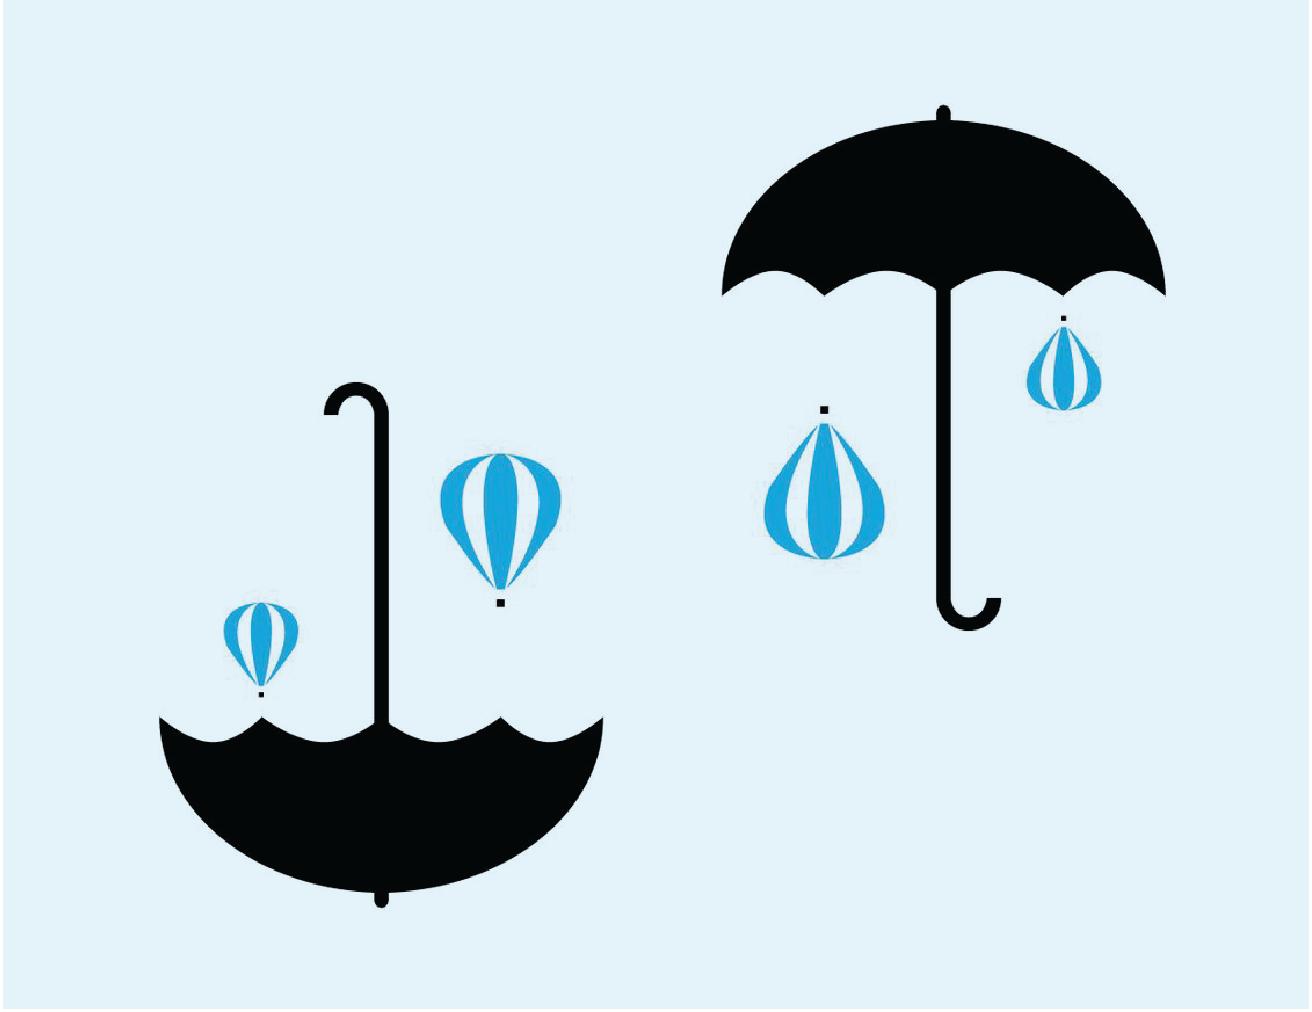 L-Biggar-umbrella-01.png